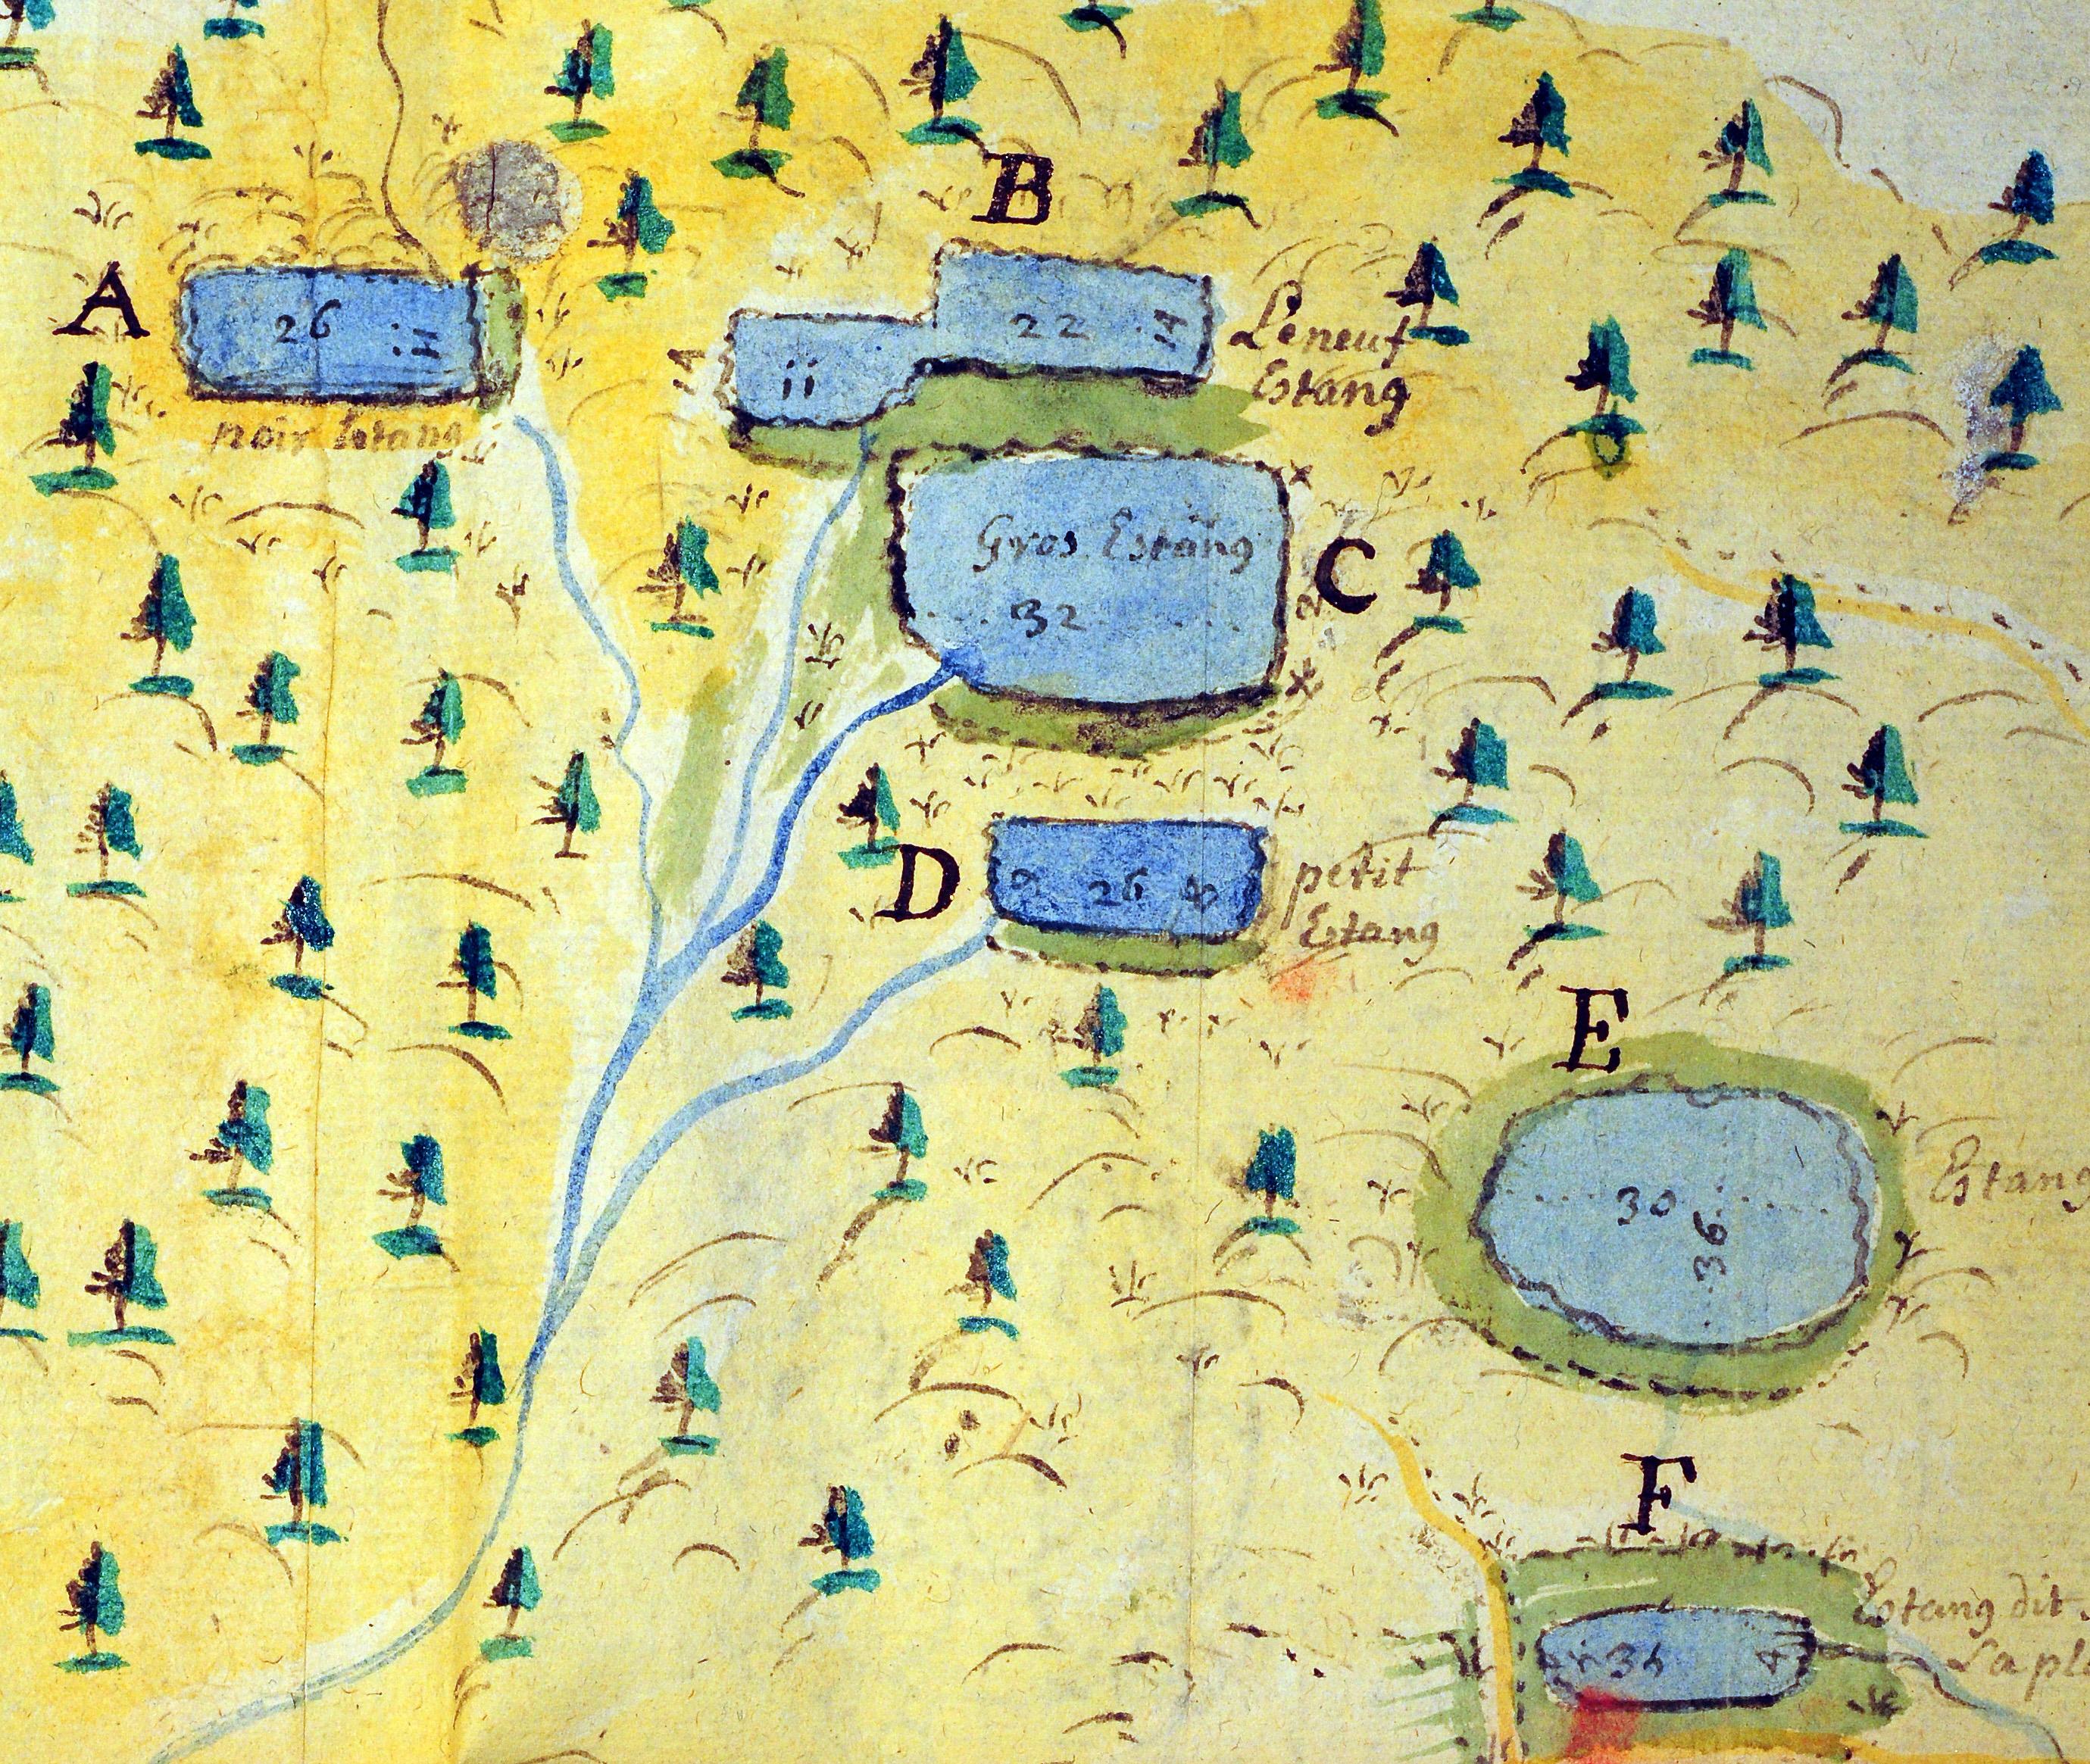 étangs 1765